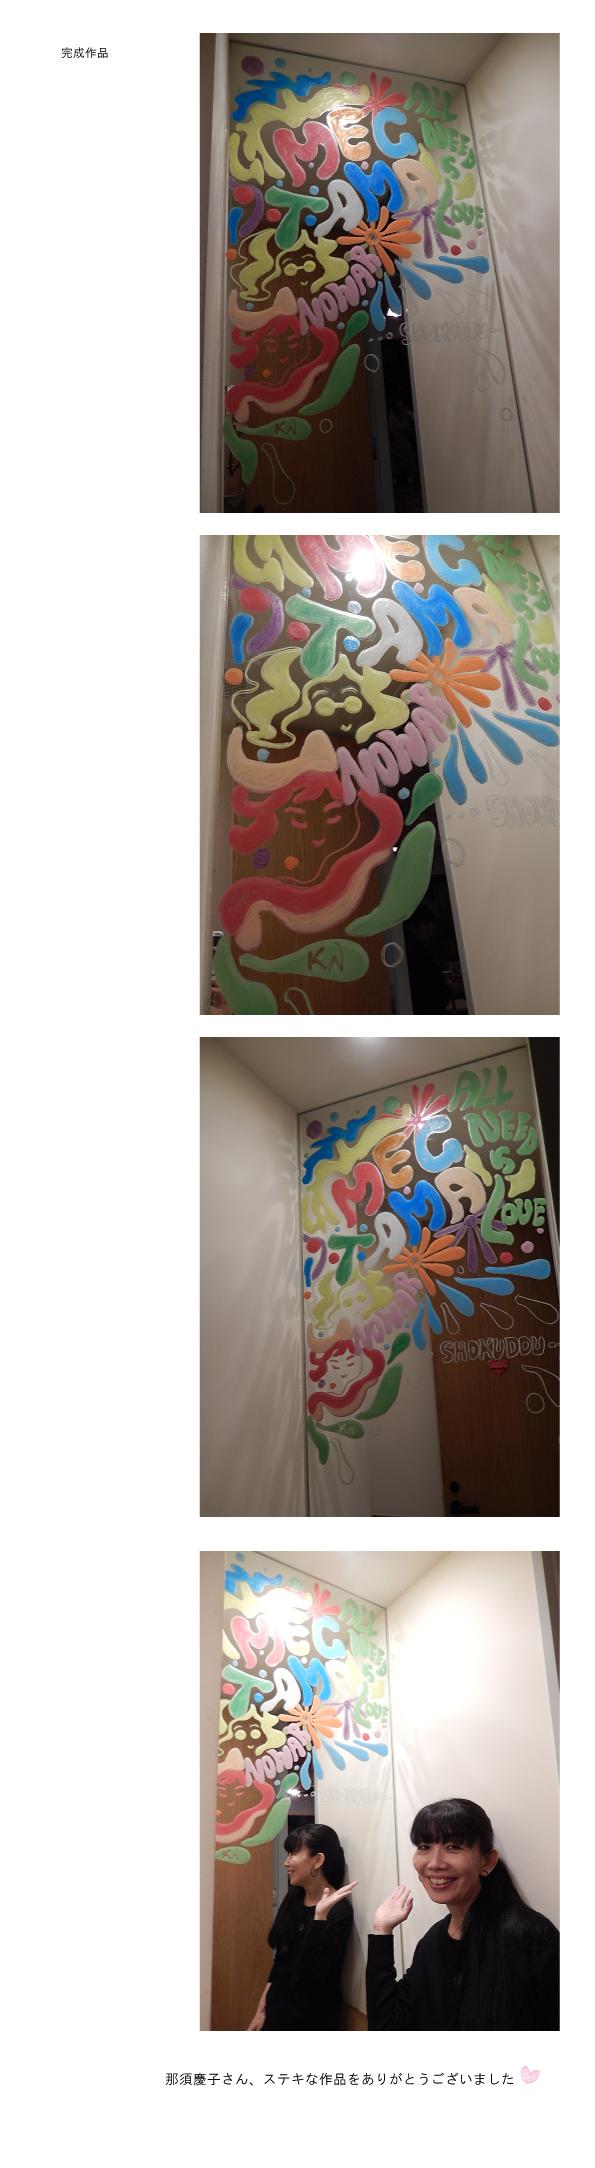 めぐたまキットパスミラーギャラリーVol.7 那須慶子さんの「愛こそすべて」(2015年8月31日〜)